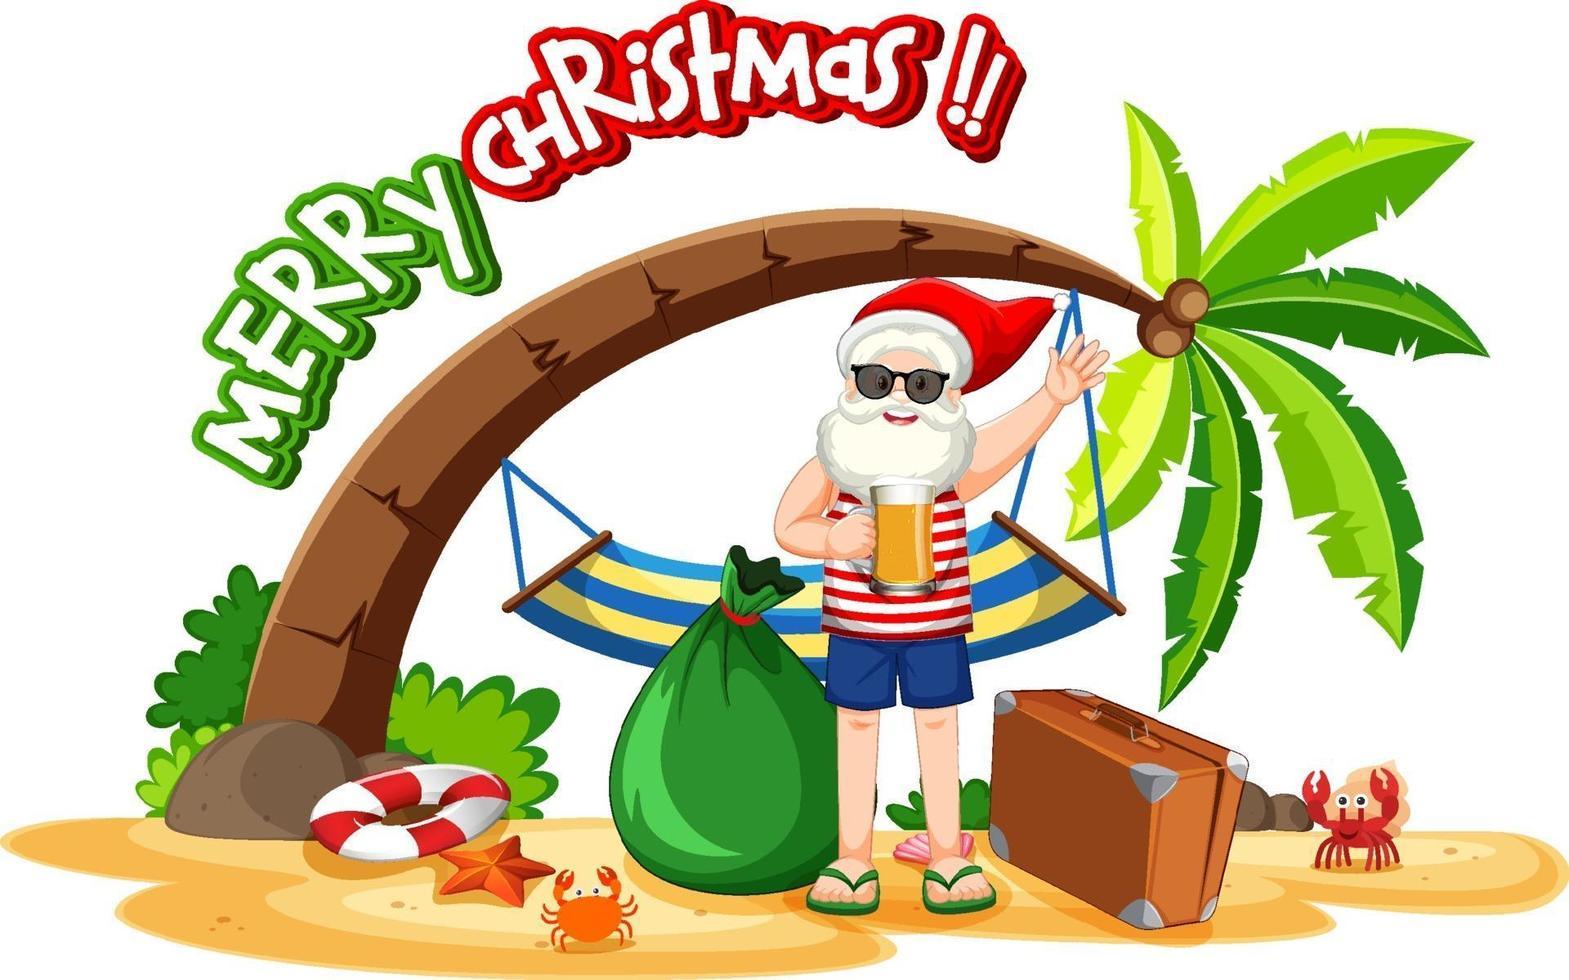 kerstman op het strandeiland voor zomerkerstmis vector